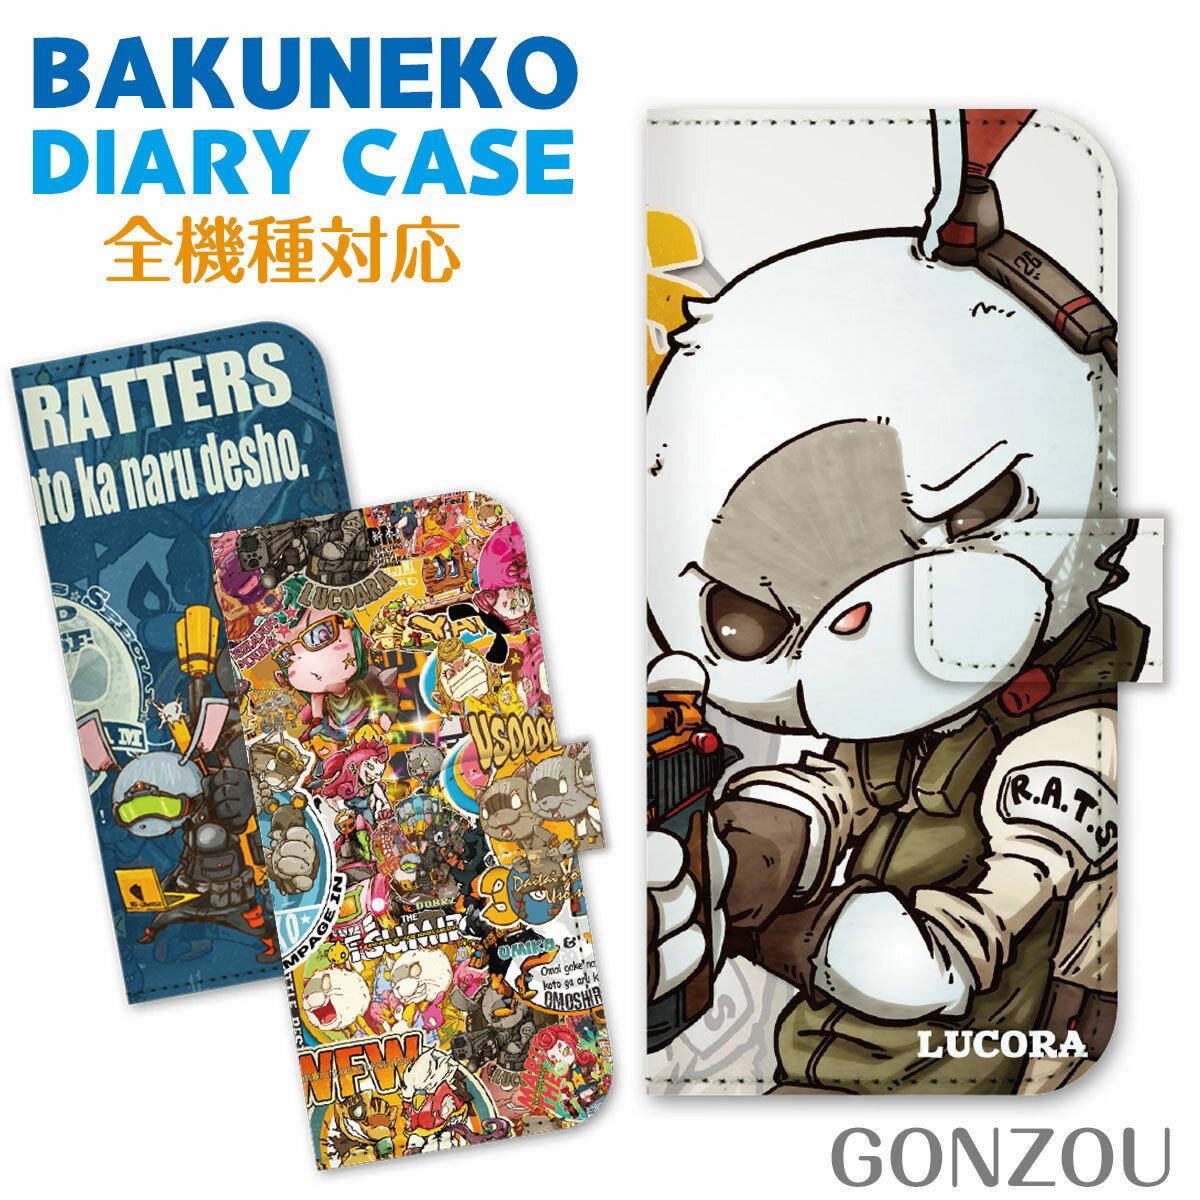 スマホケース 手帳型 全機種対応 手帳 ケース カバー iPhoneXs Max XR iPhoneX iPhone8 ケース iPhone7 iPhone6s Plus iPhone SE Xperia XZ2 SO-03K SO-05K XZ1 SO-01K XZ SO-04J XZs SO-03J aquos R2 sh-04k R sh-03k galaxy S9 S8 BAKUNEKO 99-zen-196